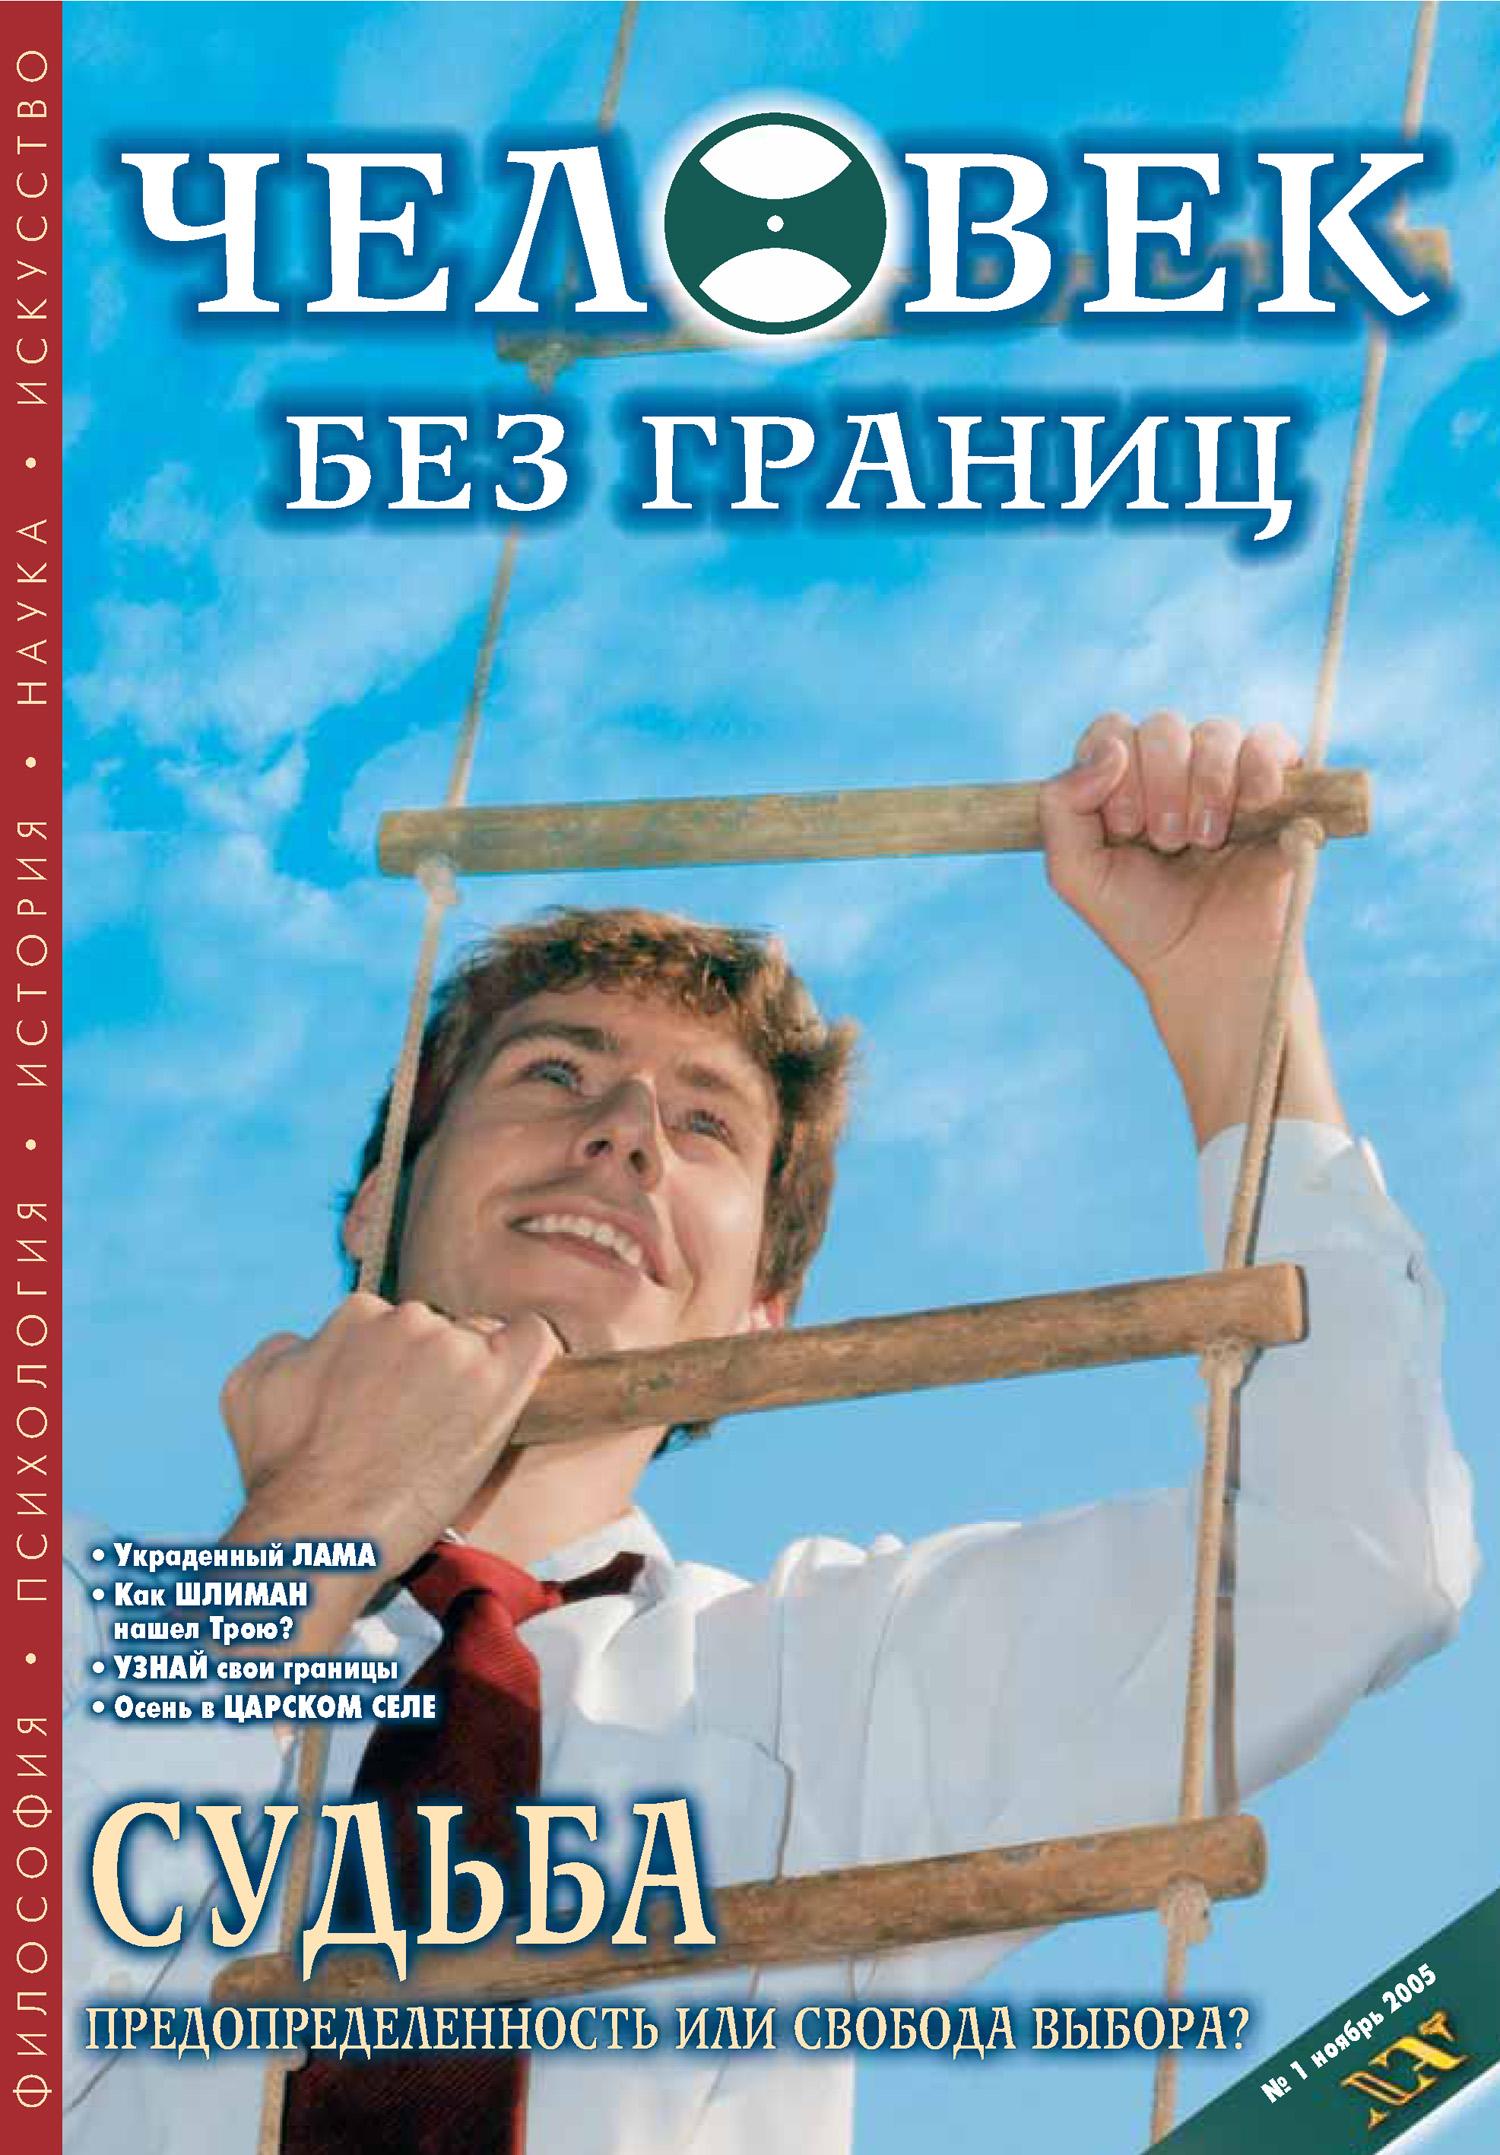 Отсутствует Журнал «Человек без границ» №1 (01) 2005 отсутствует журнал человек без границ 2 03 2006